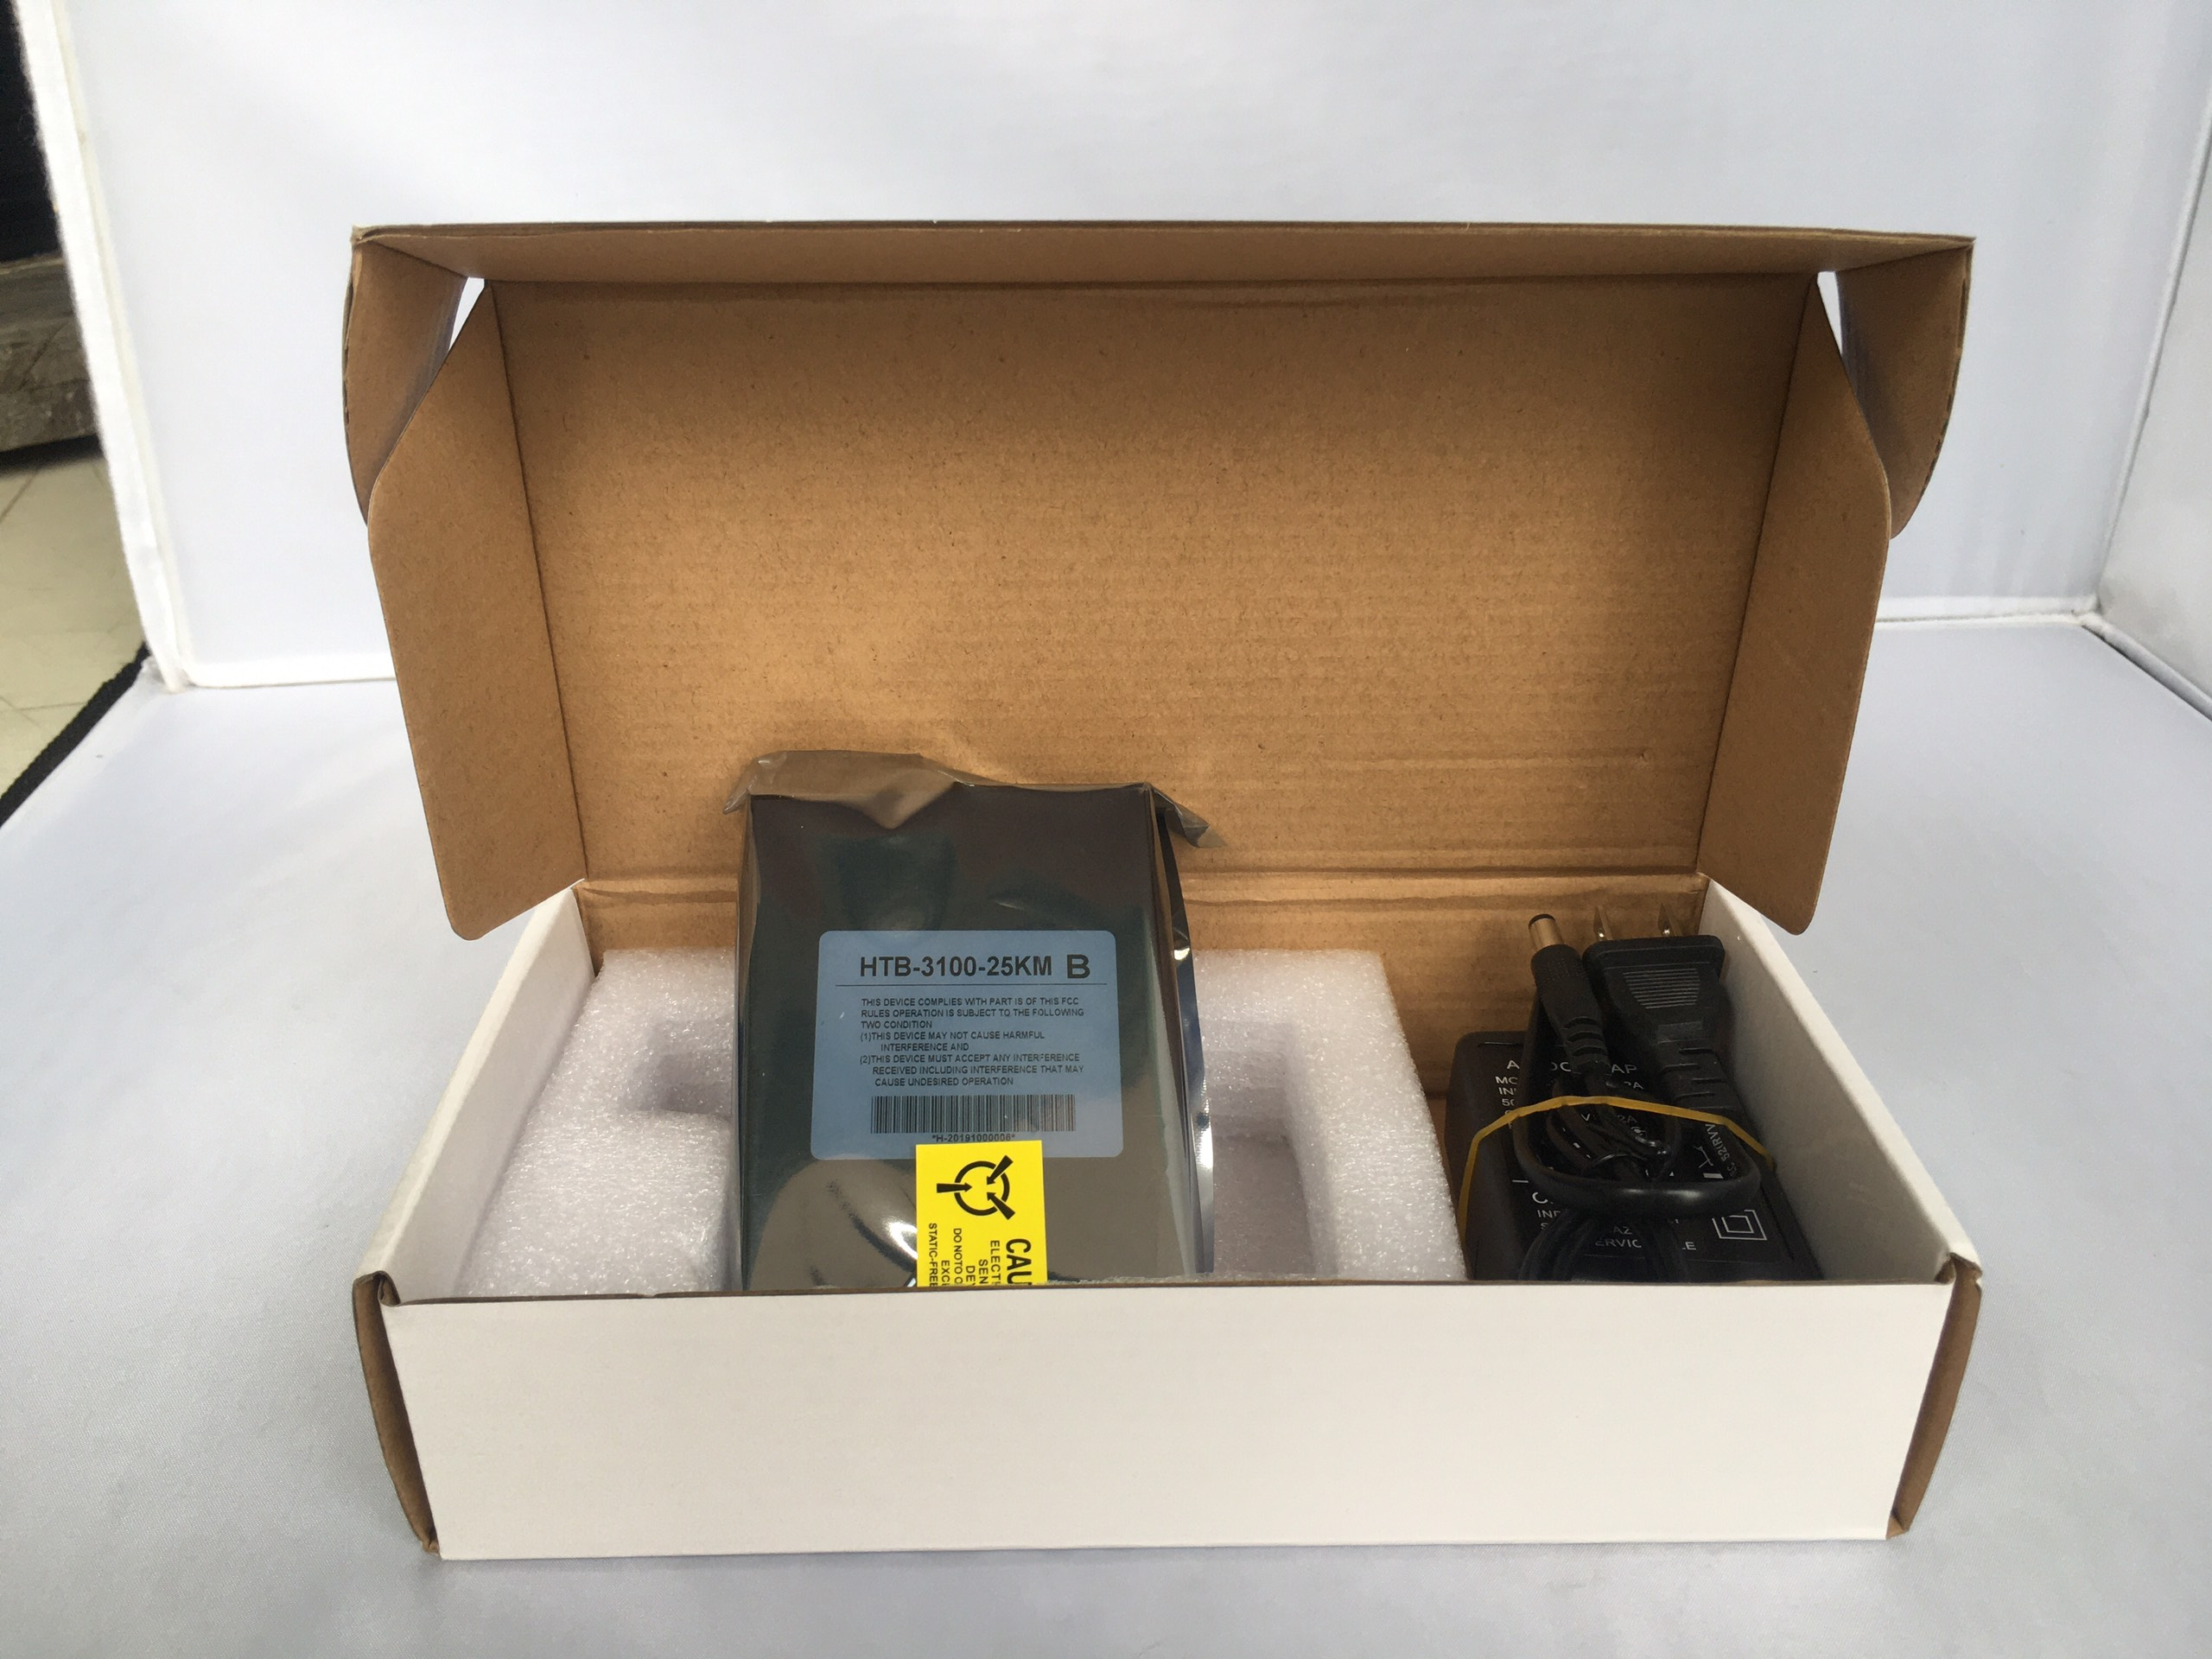 Bộ chuyển đổi quang điện 10/100M Single Fiber (1 Sợi quang) Nelink HTB-3100B phiên bản mới - Hàng Nhập khẩu